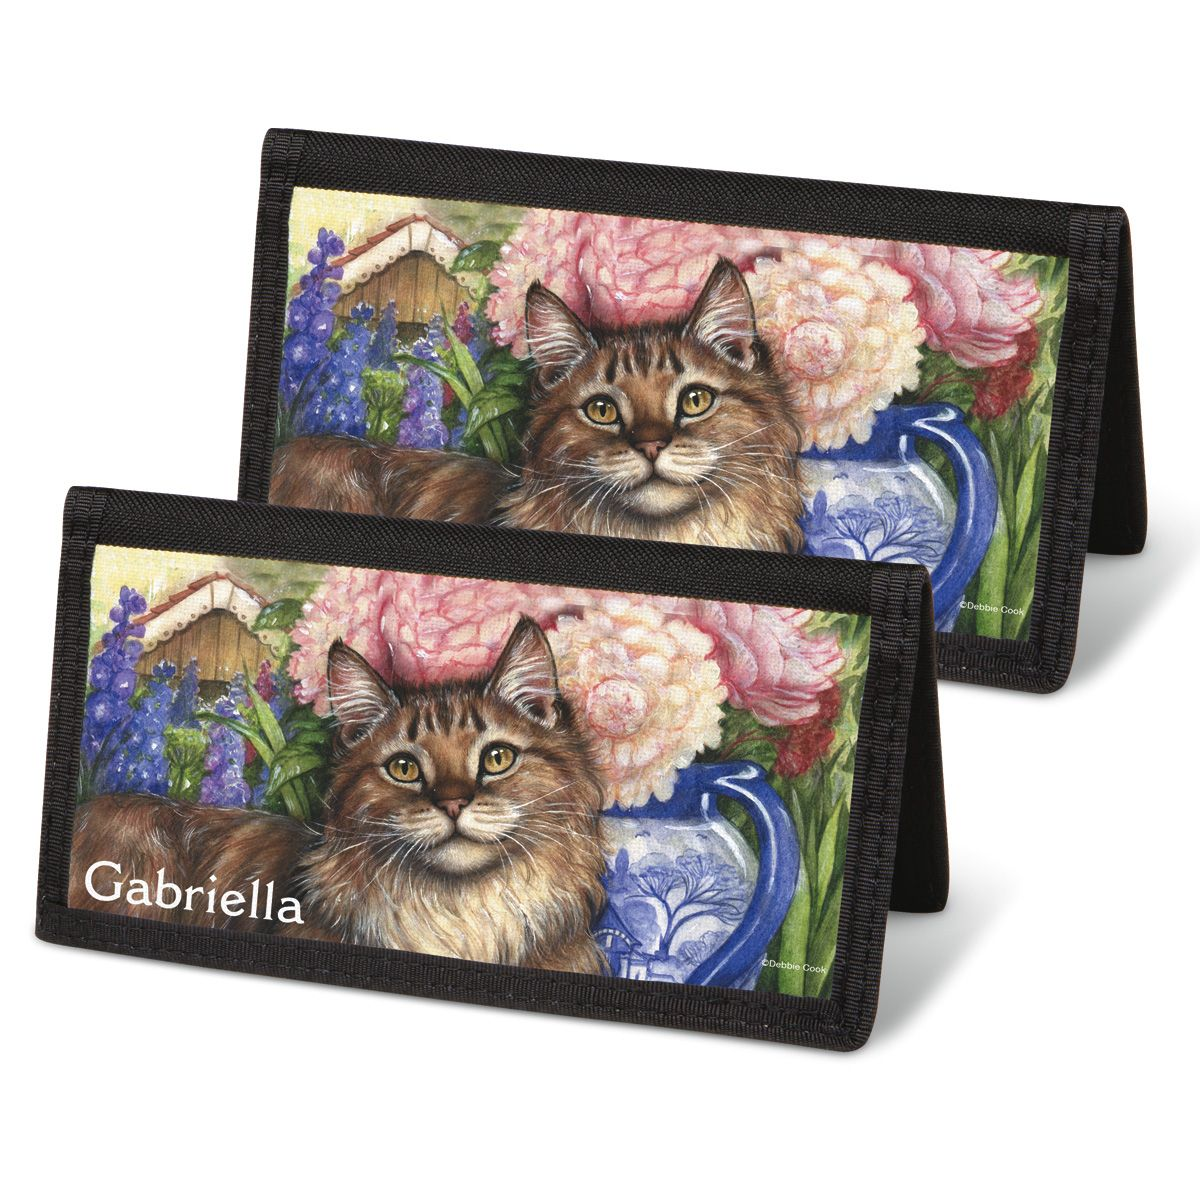 Feline Artistry Checkbook Covers